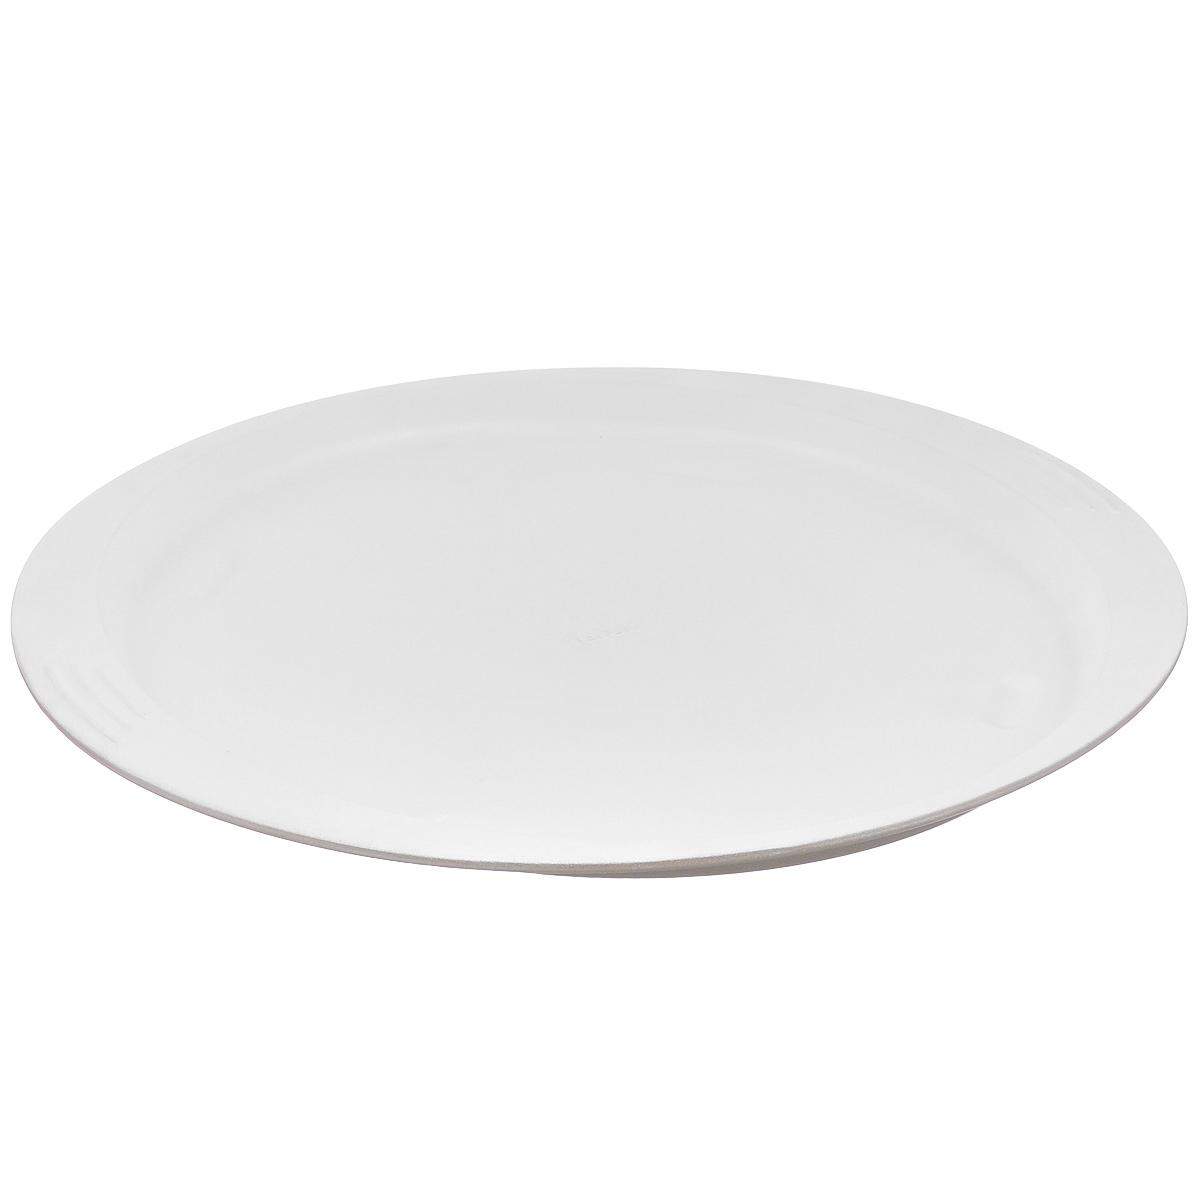 Форма для пиццы Tefal EasyGrip, круглая, с керамичексим покрытием, диаметр 34 см2100083294Круглая форма для пиццы Tefal EasyGrip выполнена из алюминиевого сплава с противопригорающим керамическим покрытием, что обеспечивает форме прочность и долговечность. Форма оснащена пластмассовой петелькой для подвешивания. Равномерное распределение тепла способствует образованию корочки на выпекаемых изделиях. Готовая выпечка без труда извлекается из нее. Форма не содержит PFOA, свинца и кадмия. Изделие легко мыть. Чтобы избежать повреждений антипригарного покрытия, не используйте металлические или острые кухонные принадлежности. Внешний размер формы (с учетом ручек): 44 см х 36 см х 2,5 см. Внутренний размер формы: 34 см х 34 см.